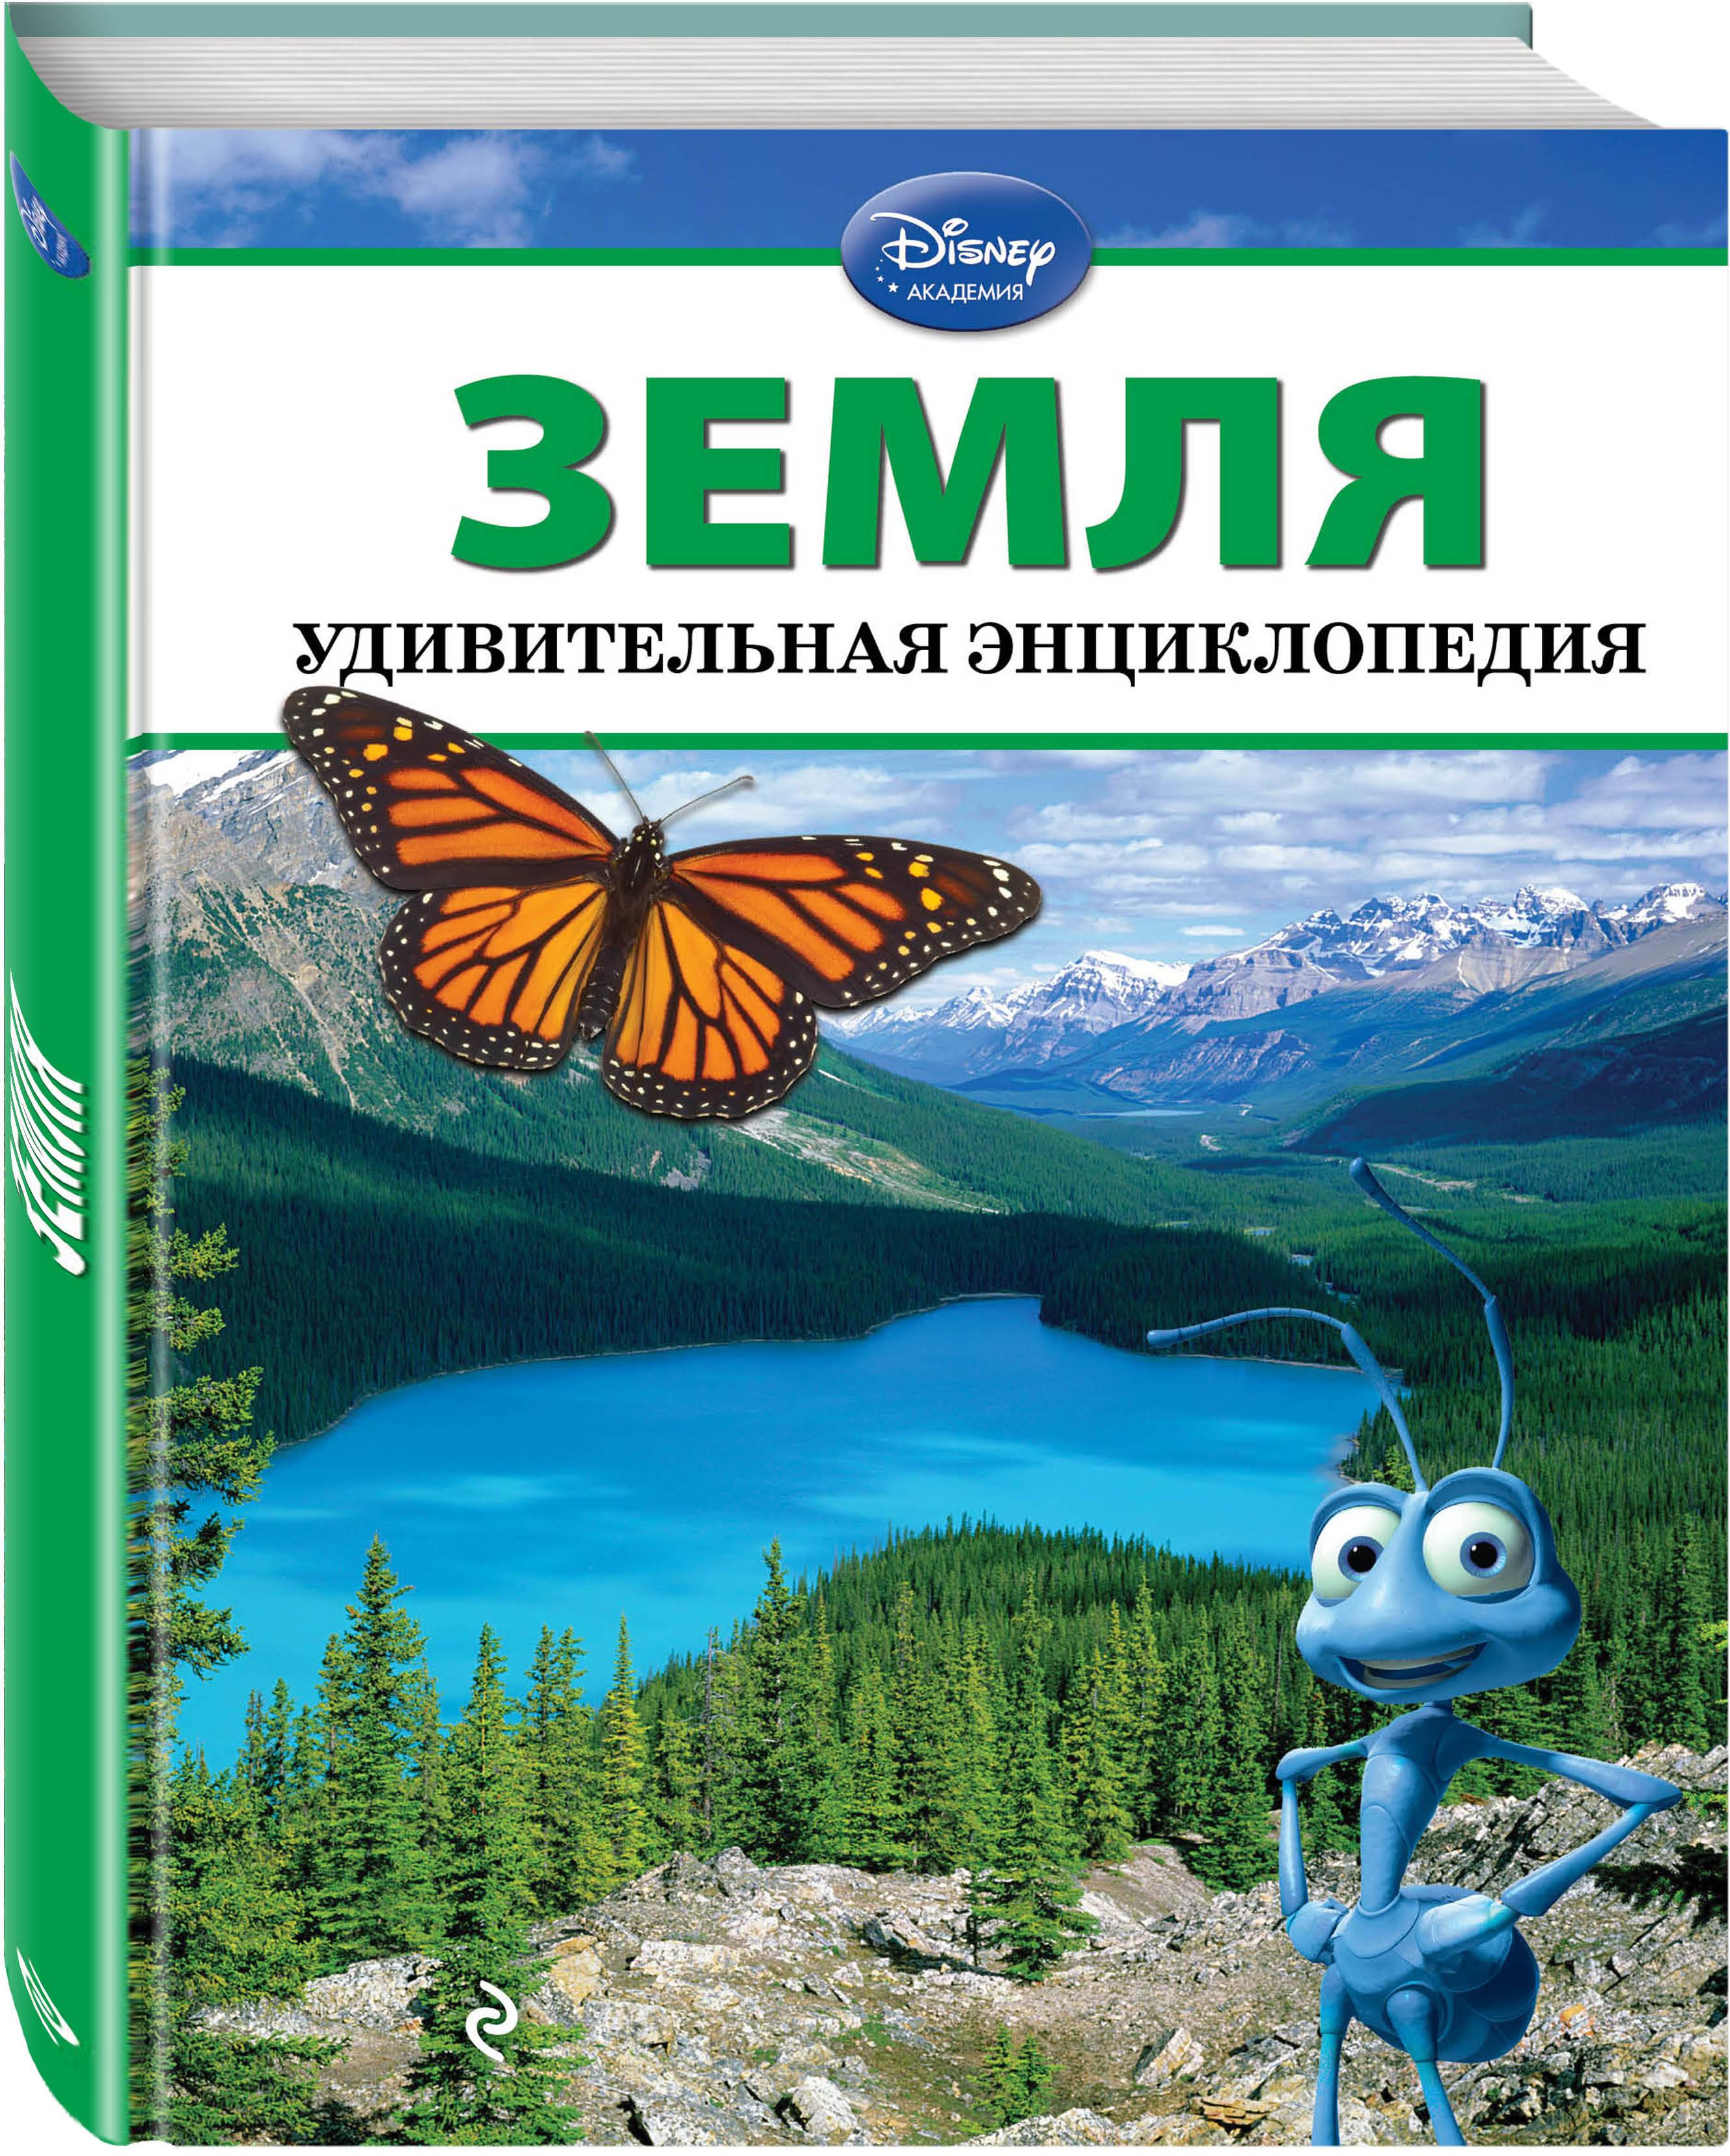 Земля ISBN: 978-5-699-61524-7